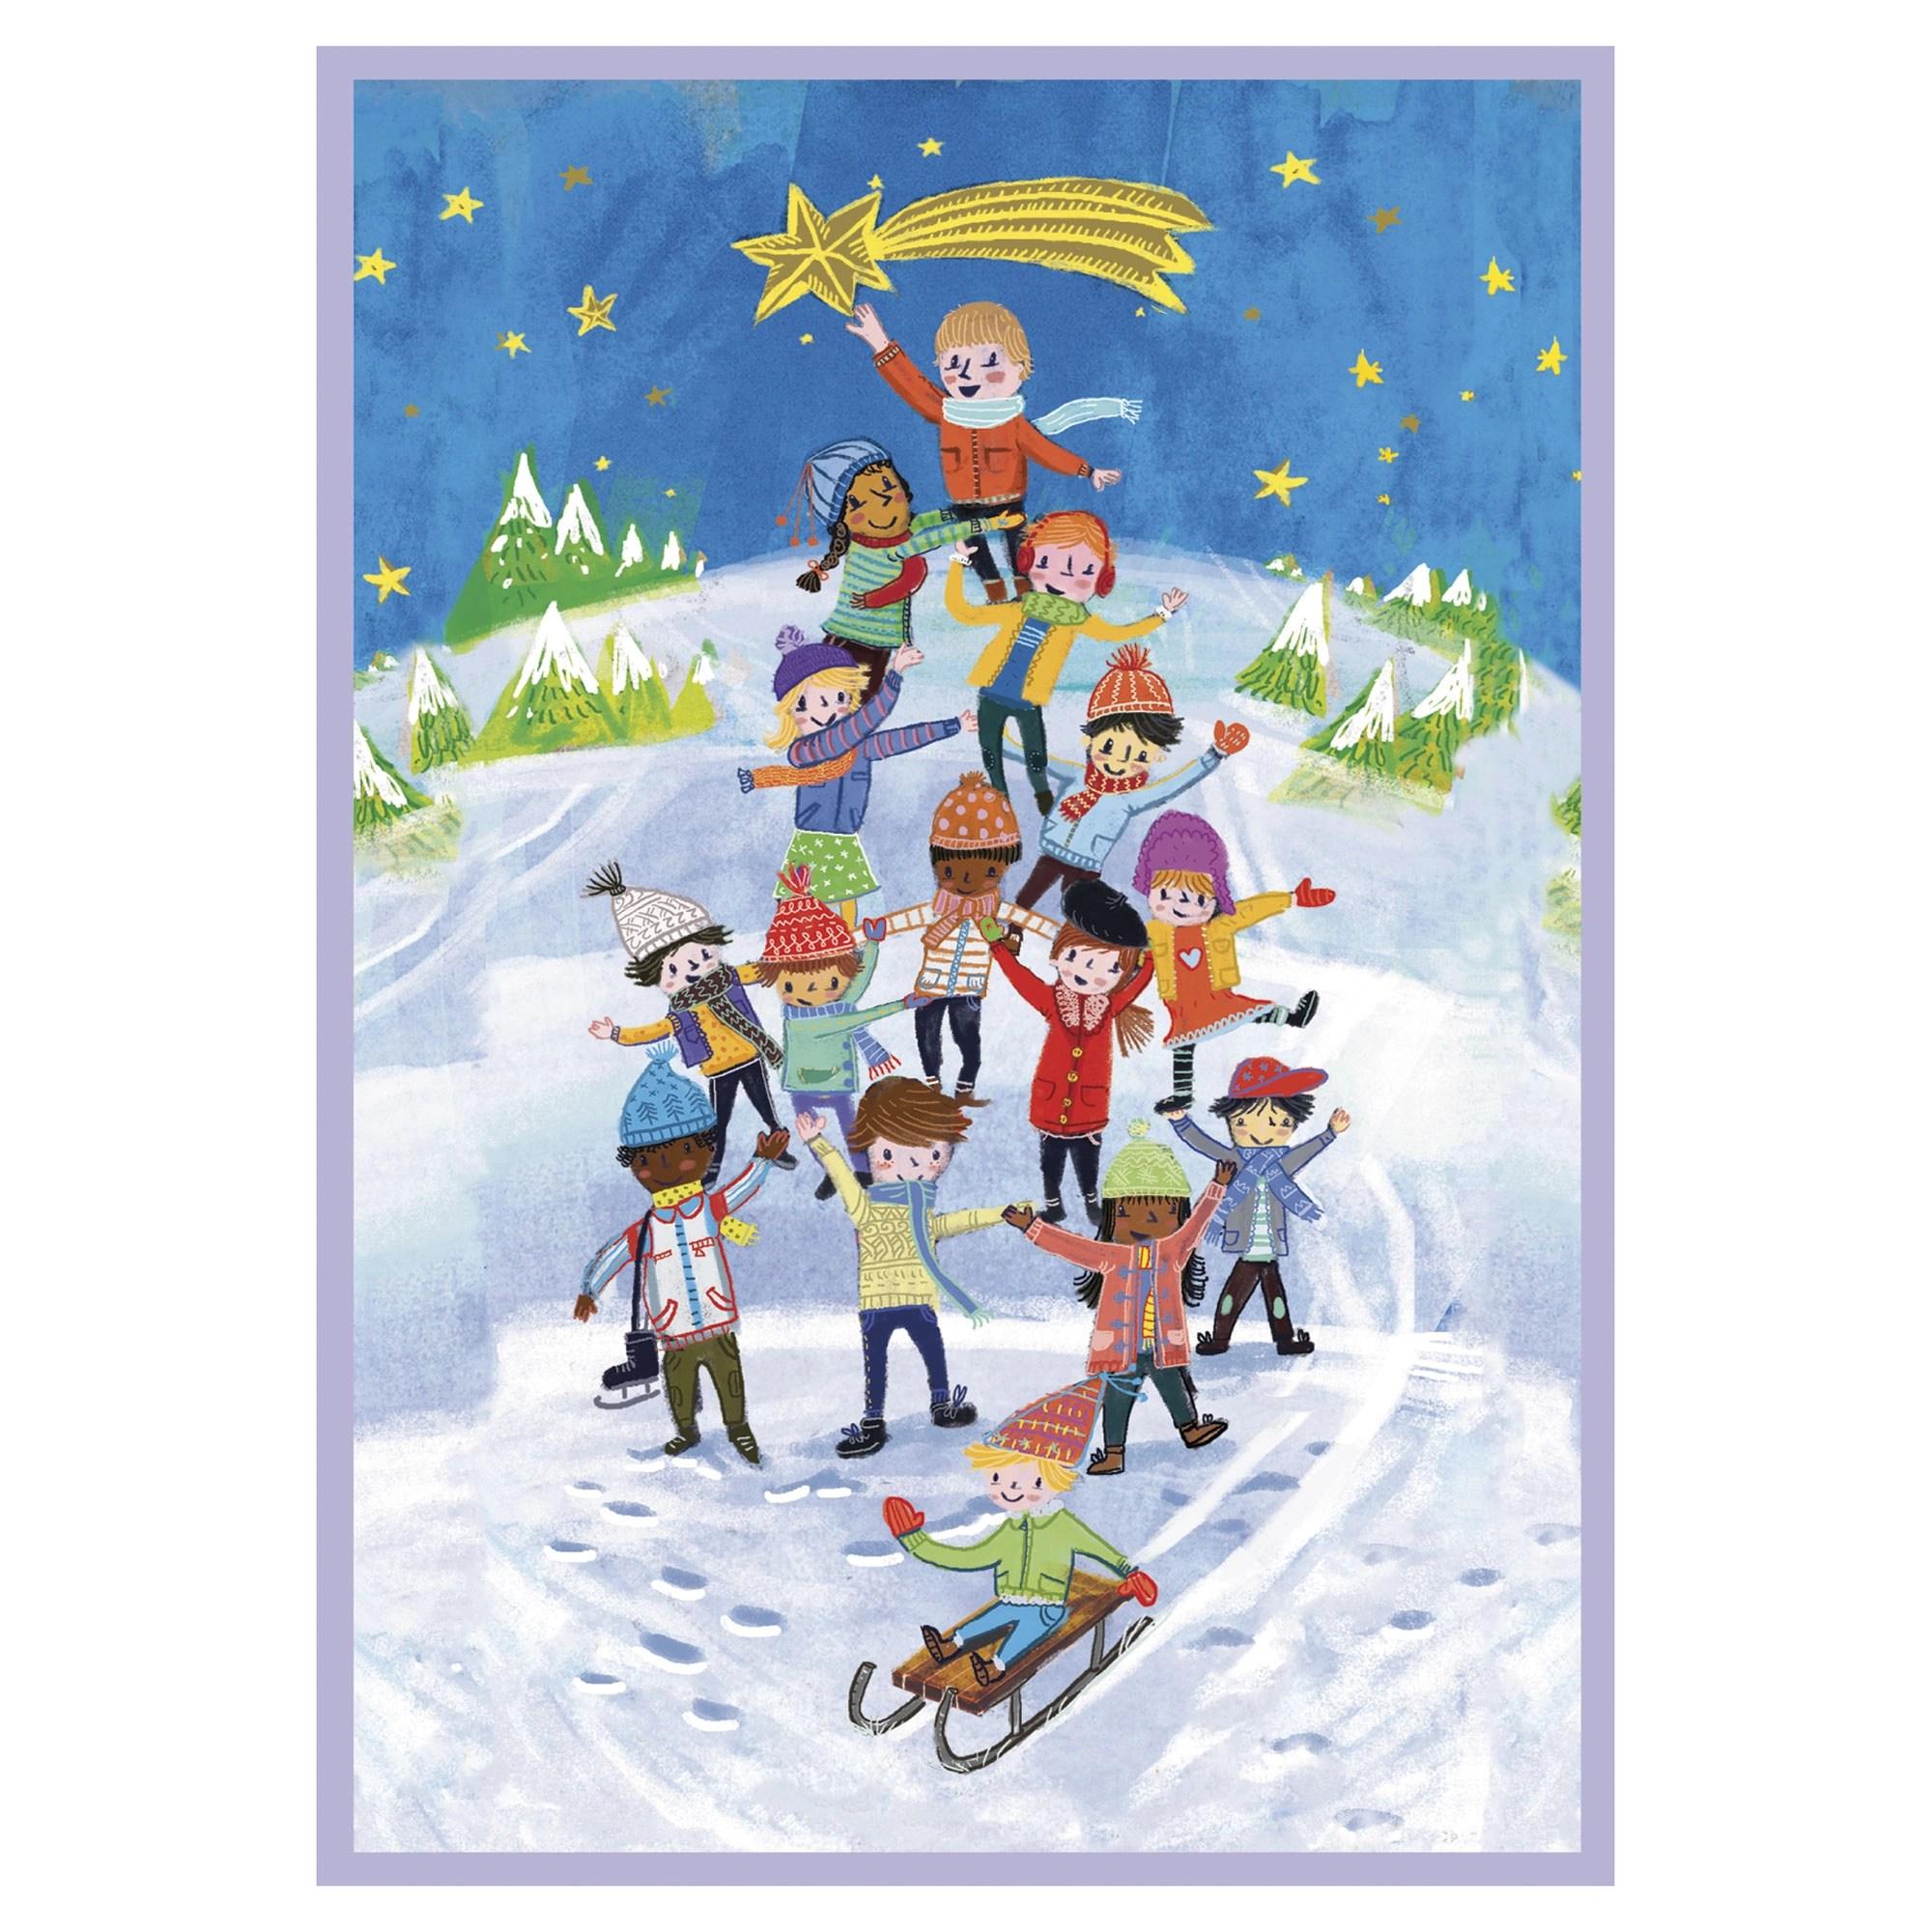 Unicef UK Market Unicef Charity Christmas Cards One